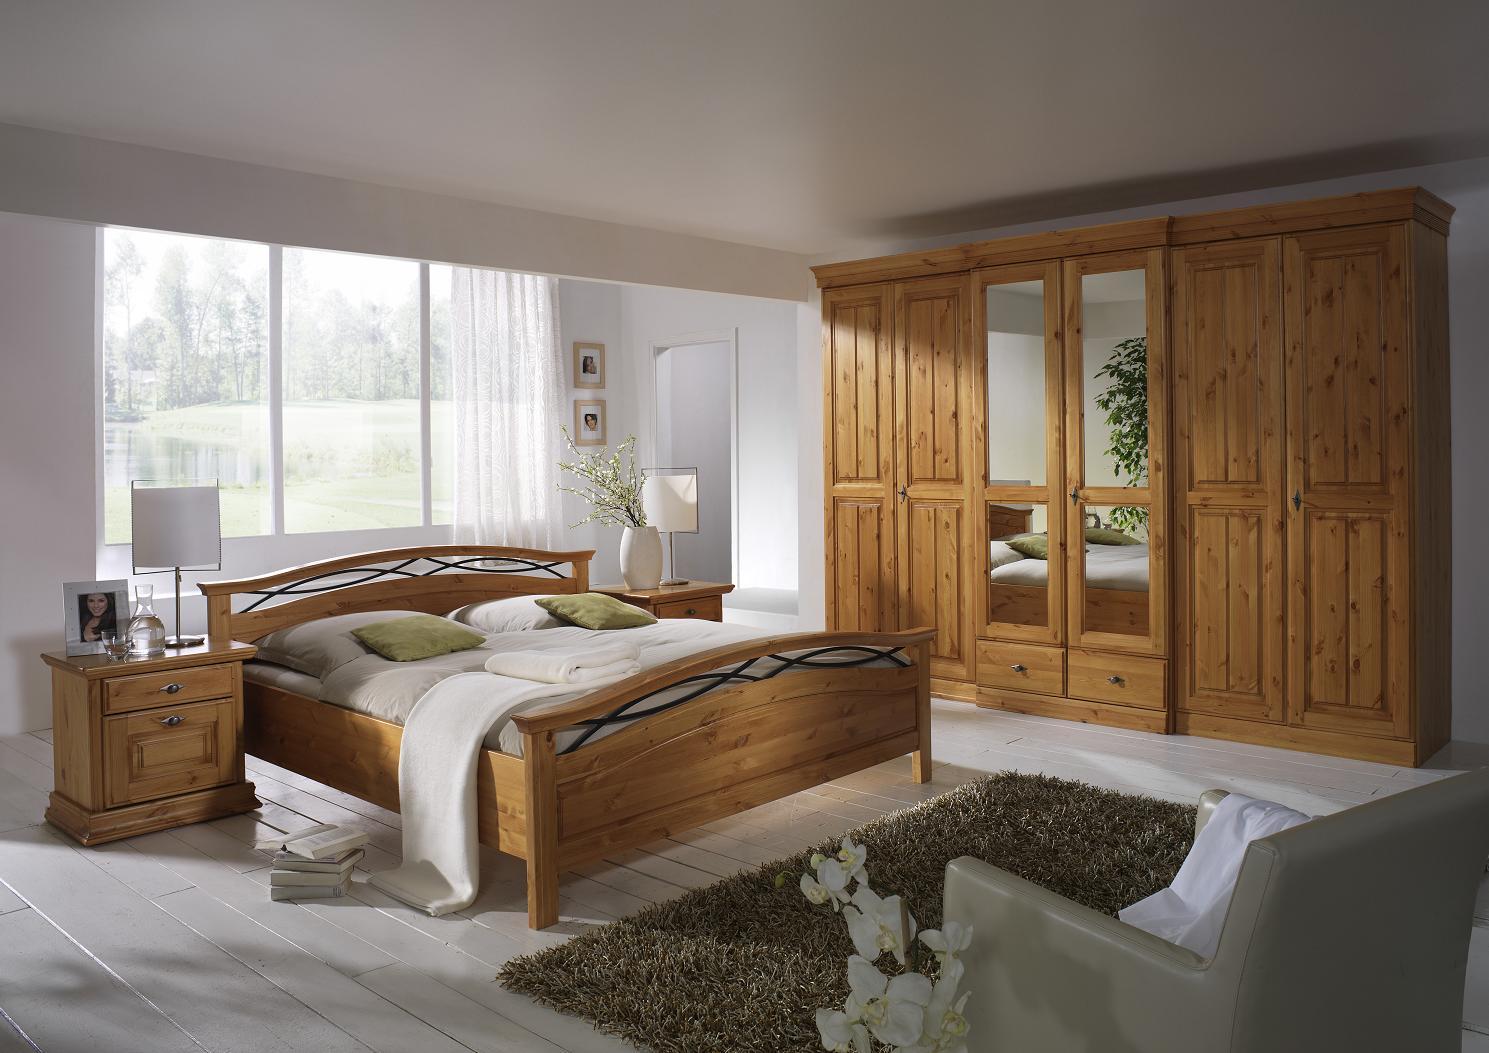 schlafzimmer massivholz | jtleigh.com - hausgestaltung ideen - Schlafzimmer Holz Massiv